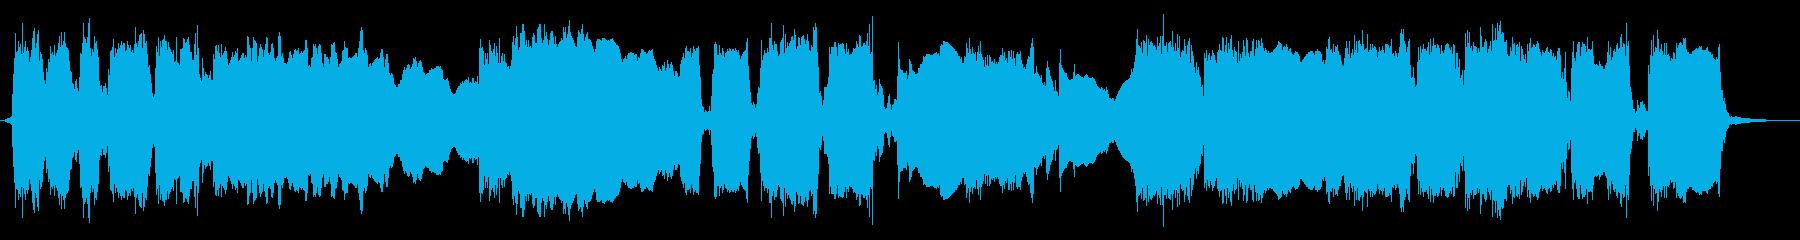 エレクトリックギター:チューニング...の再生済みの波形